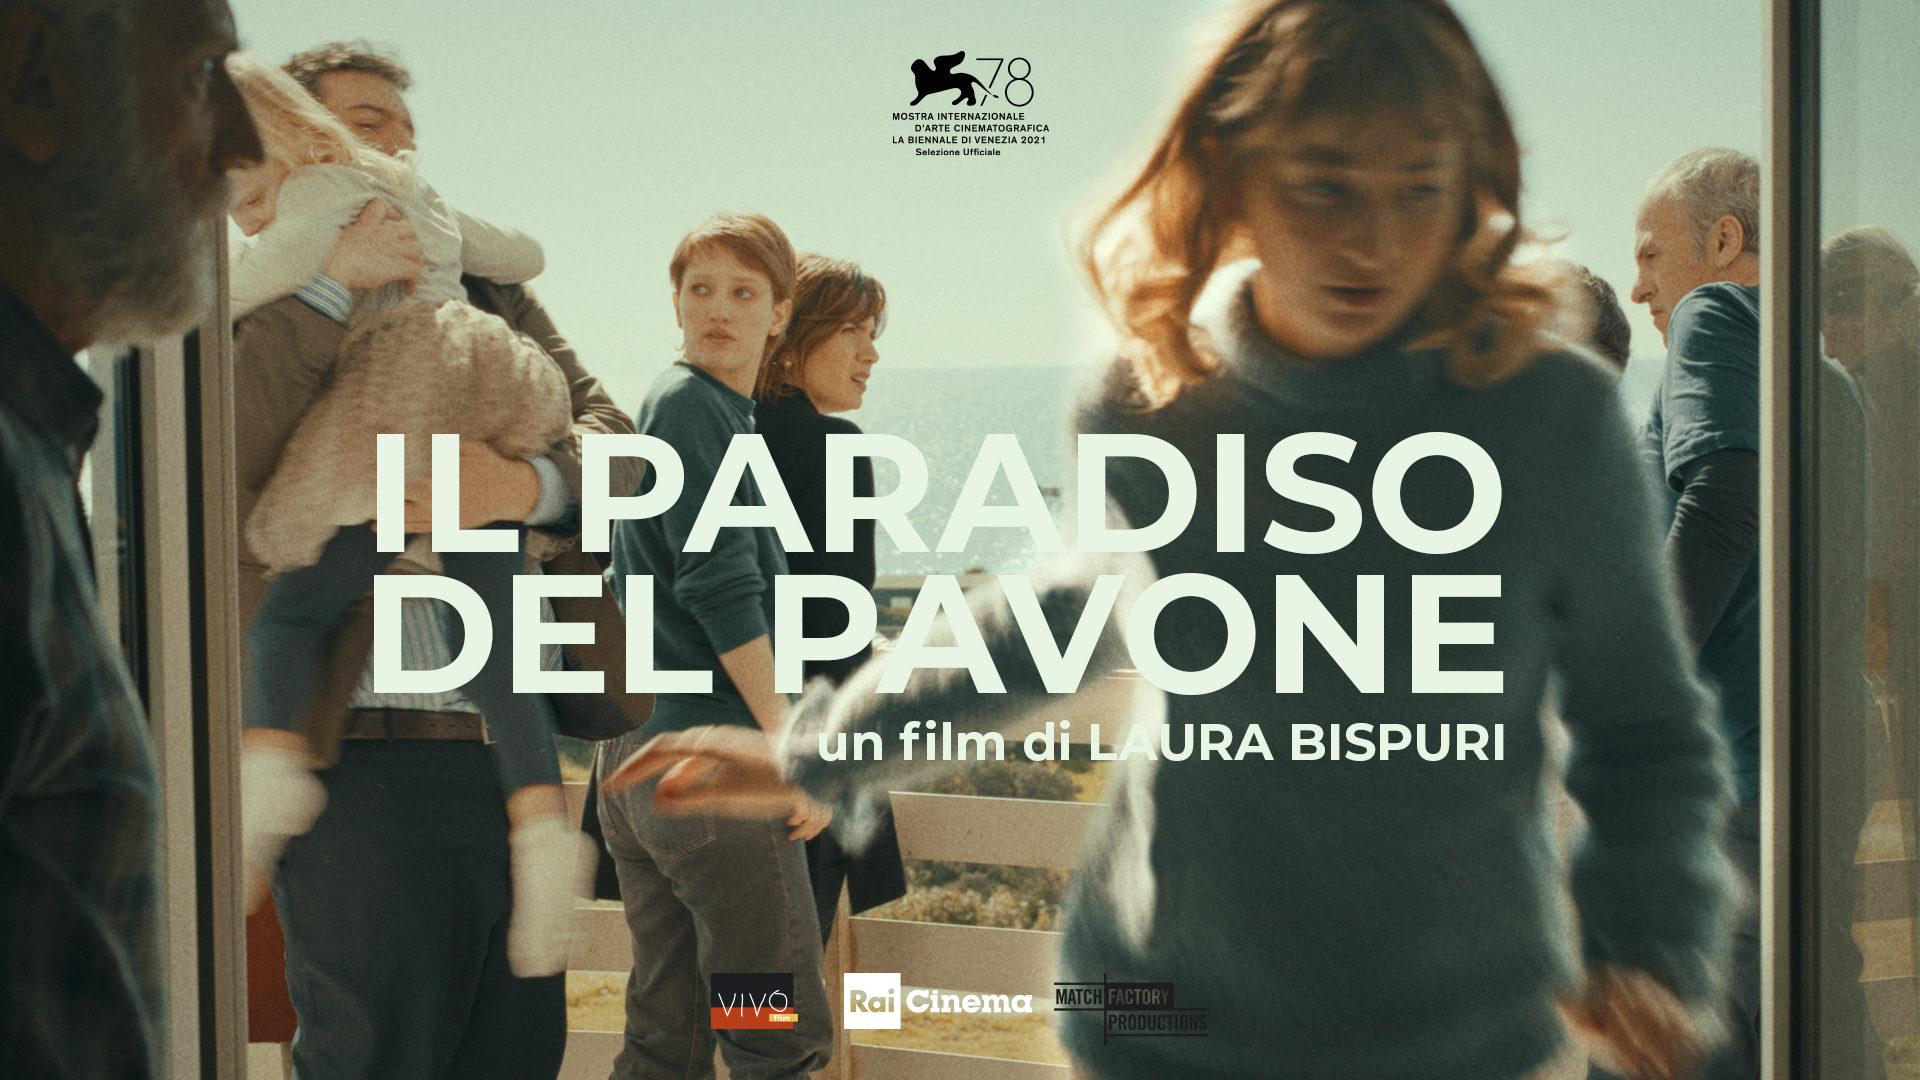 Image for: (Italiano) IL PARADISO DEL PAVONE IN CONCORSO A ORIZZONTI